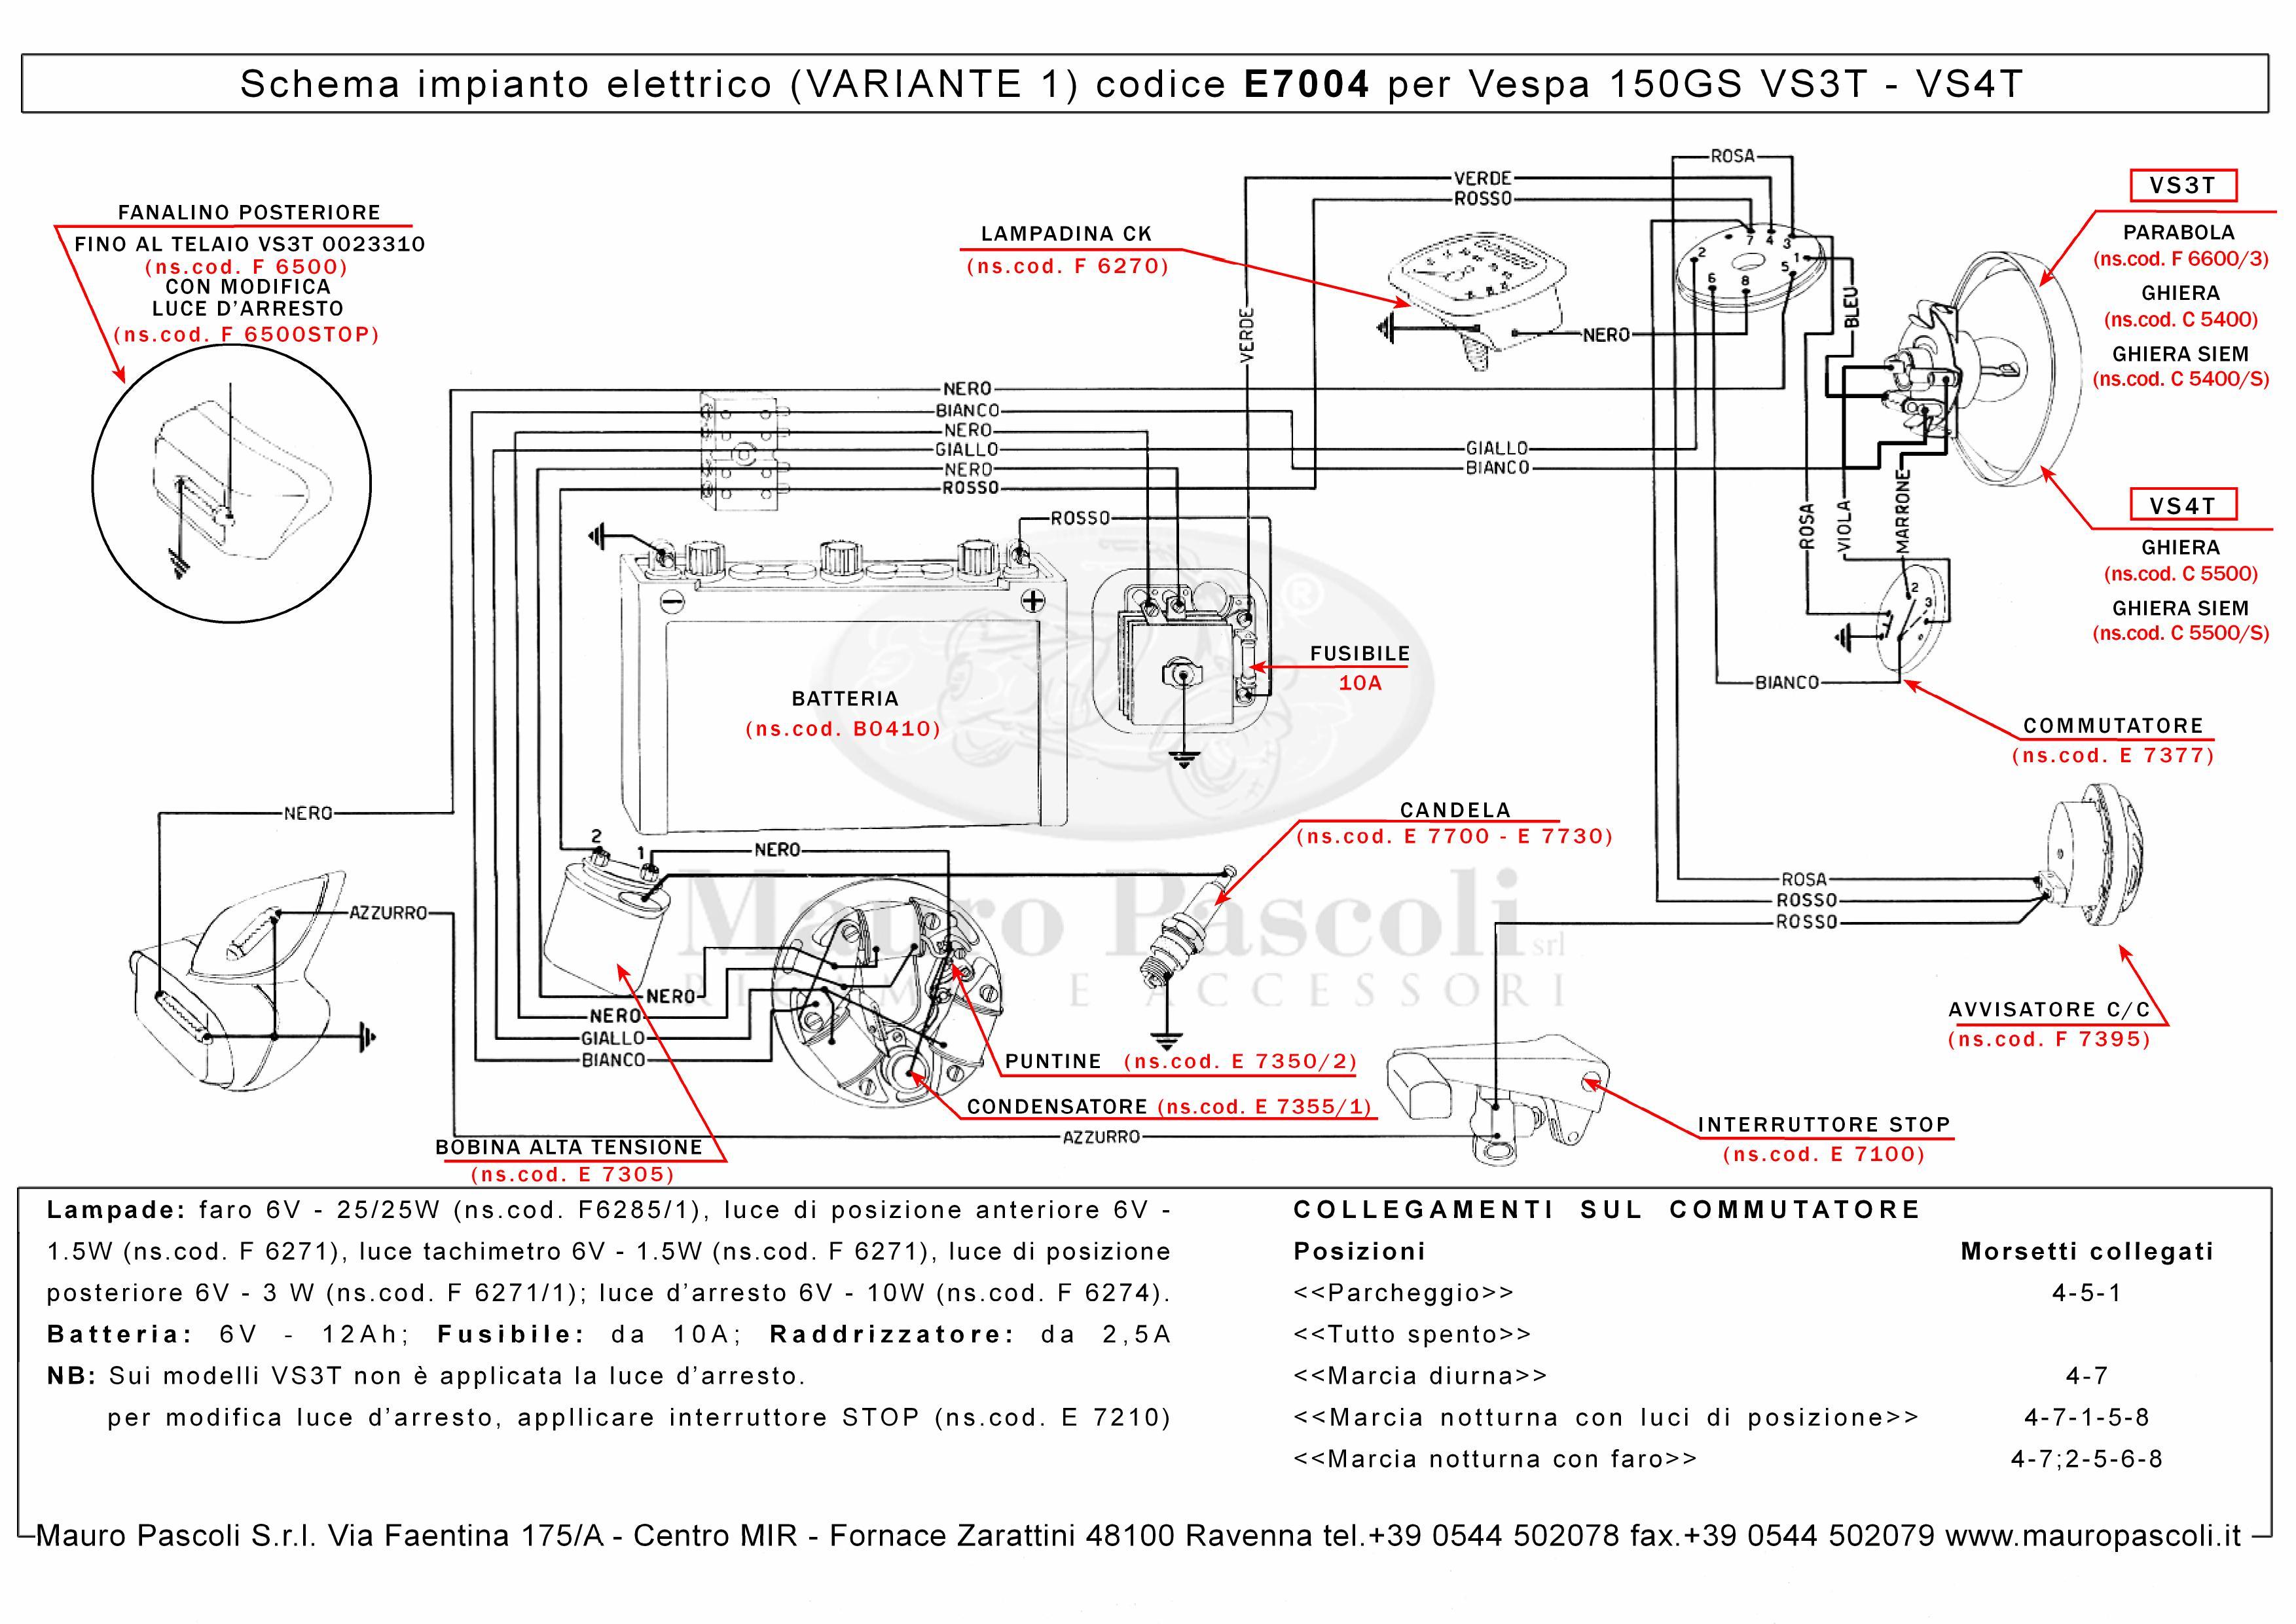 Schema Impianto Elettrico Zip 50 : Statore gs del vs m